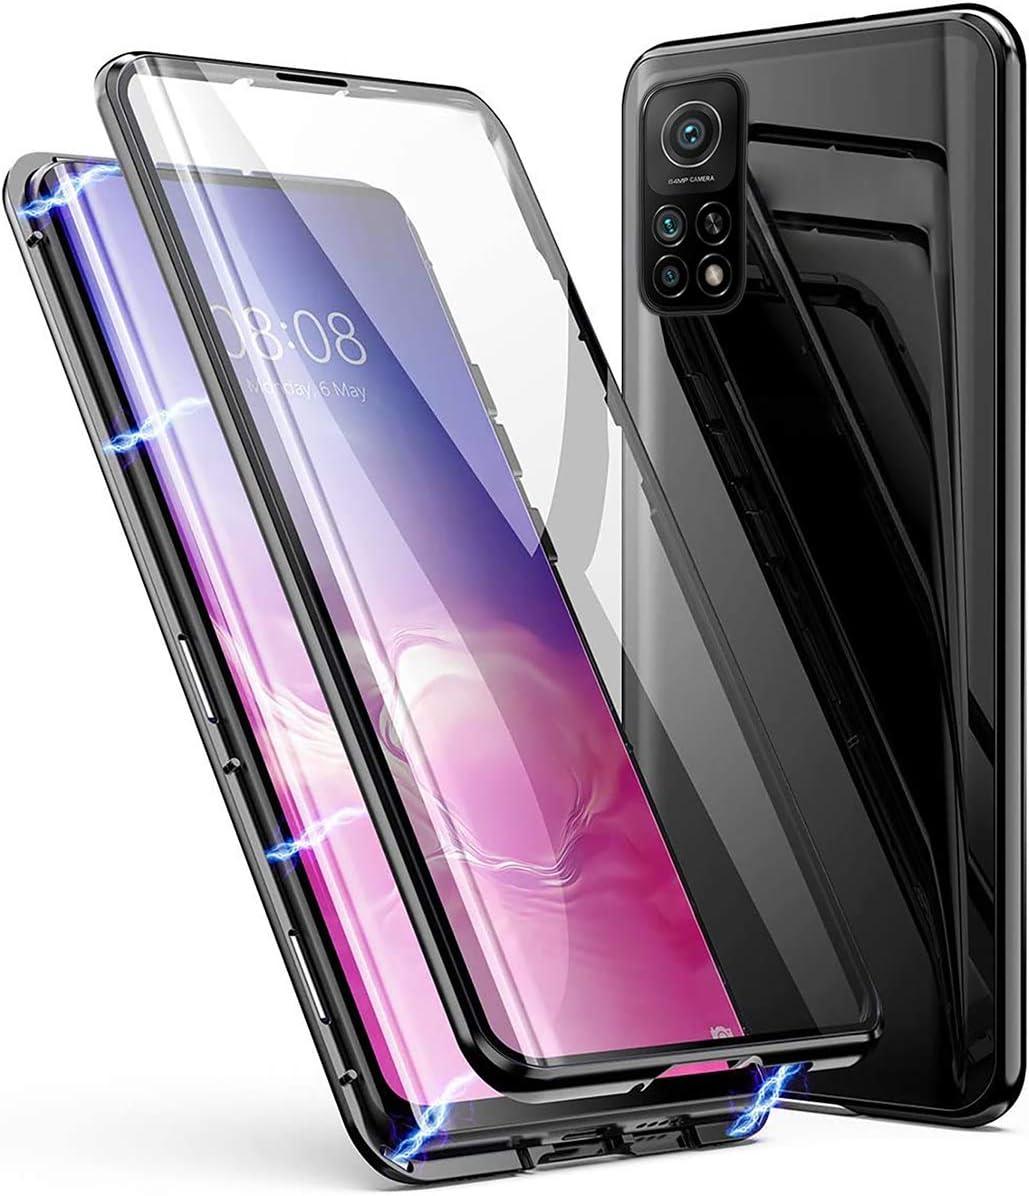 Funda Xiaomi Mi 10T Pro/10T,360 Grados Carcasa Completa, Adsorción magnética, Marco de metal, con Protector de Pantalla Incorporado, Delantero y Trasero Cristal Templado Transparente Case ,Negro